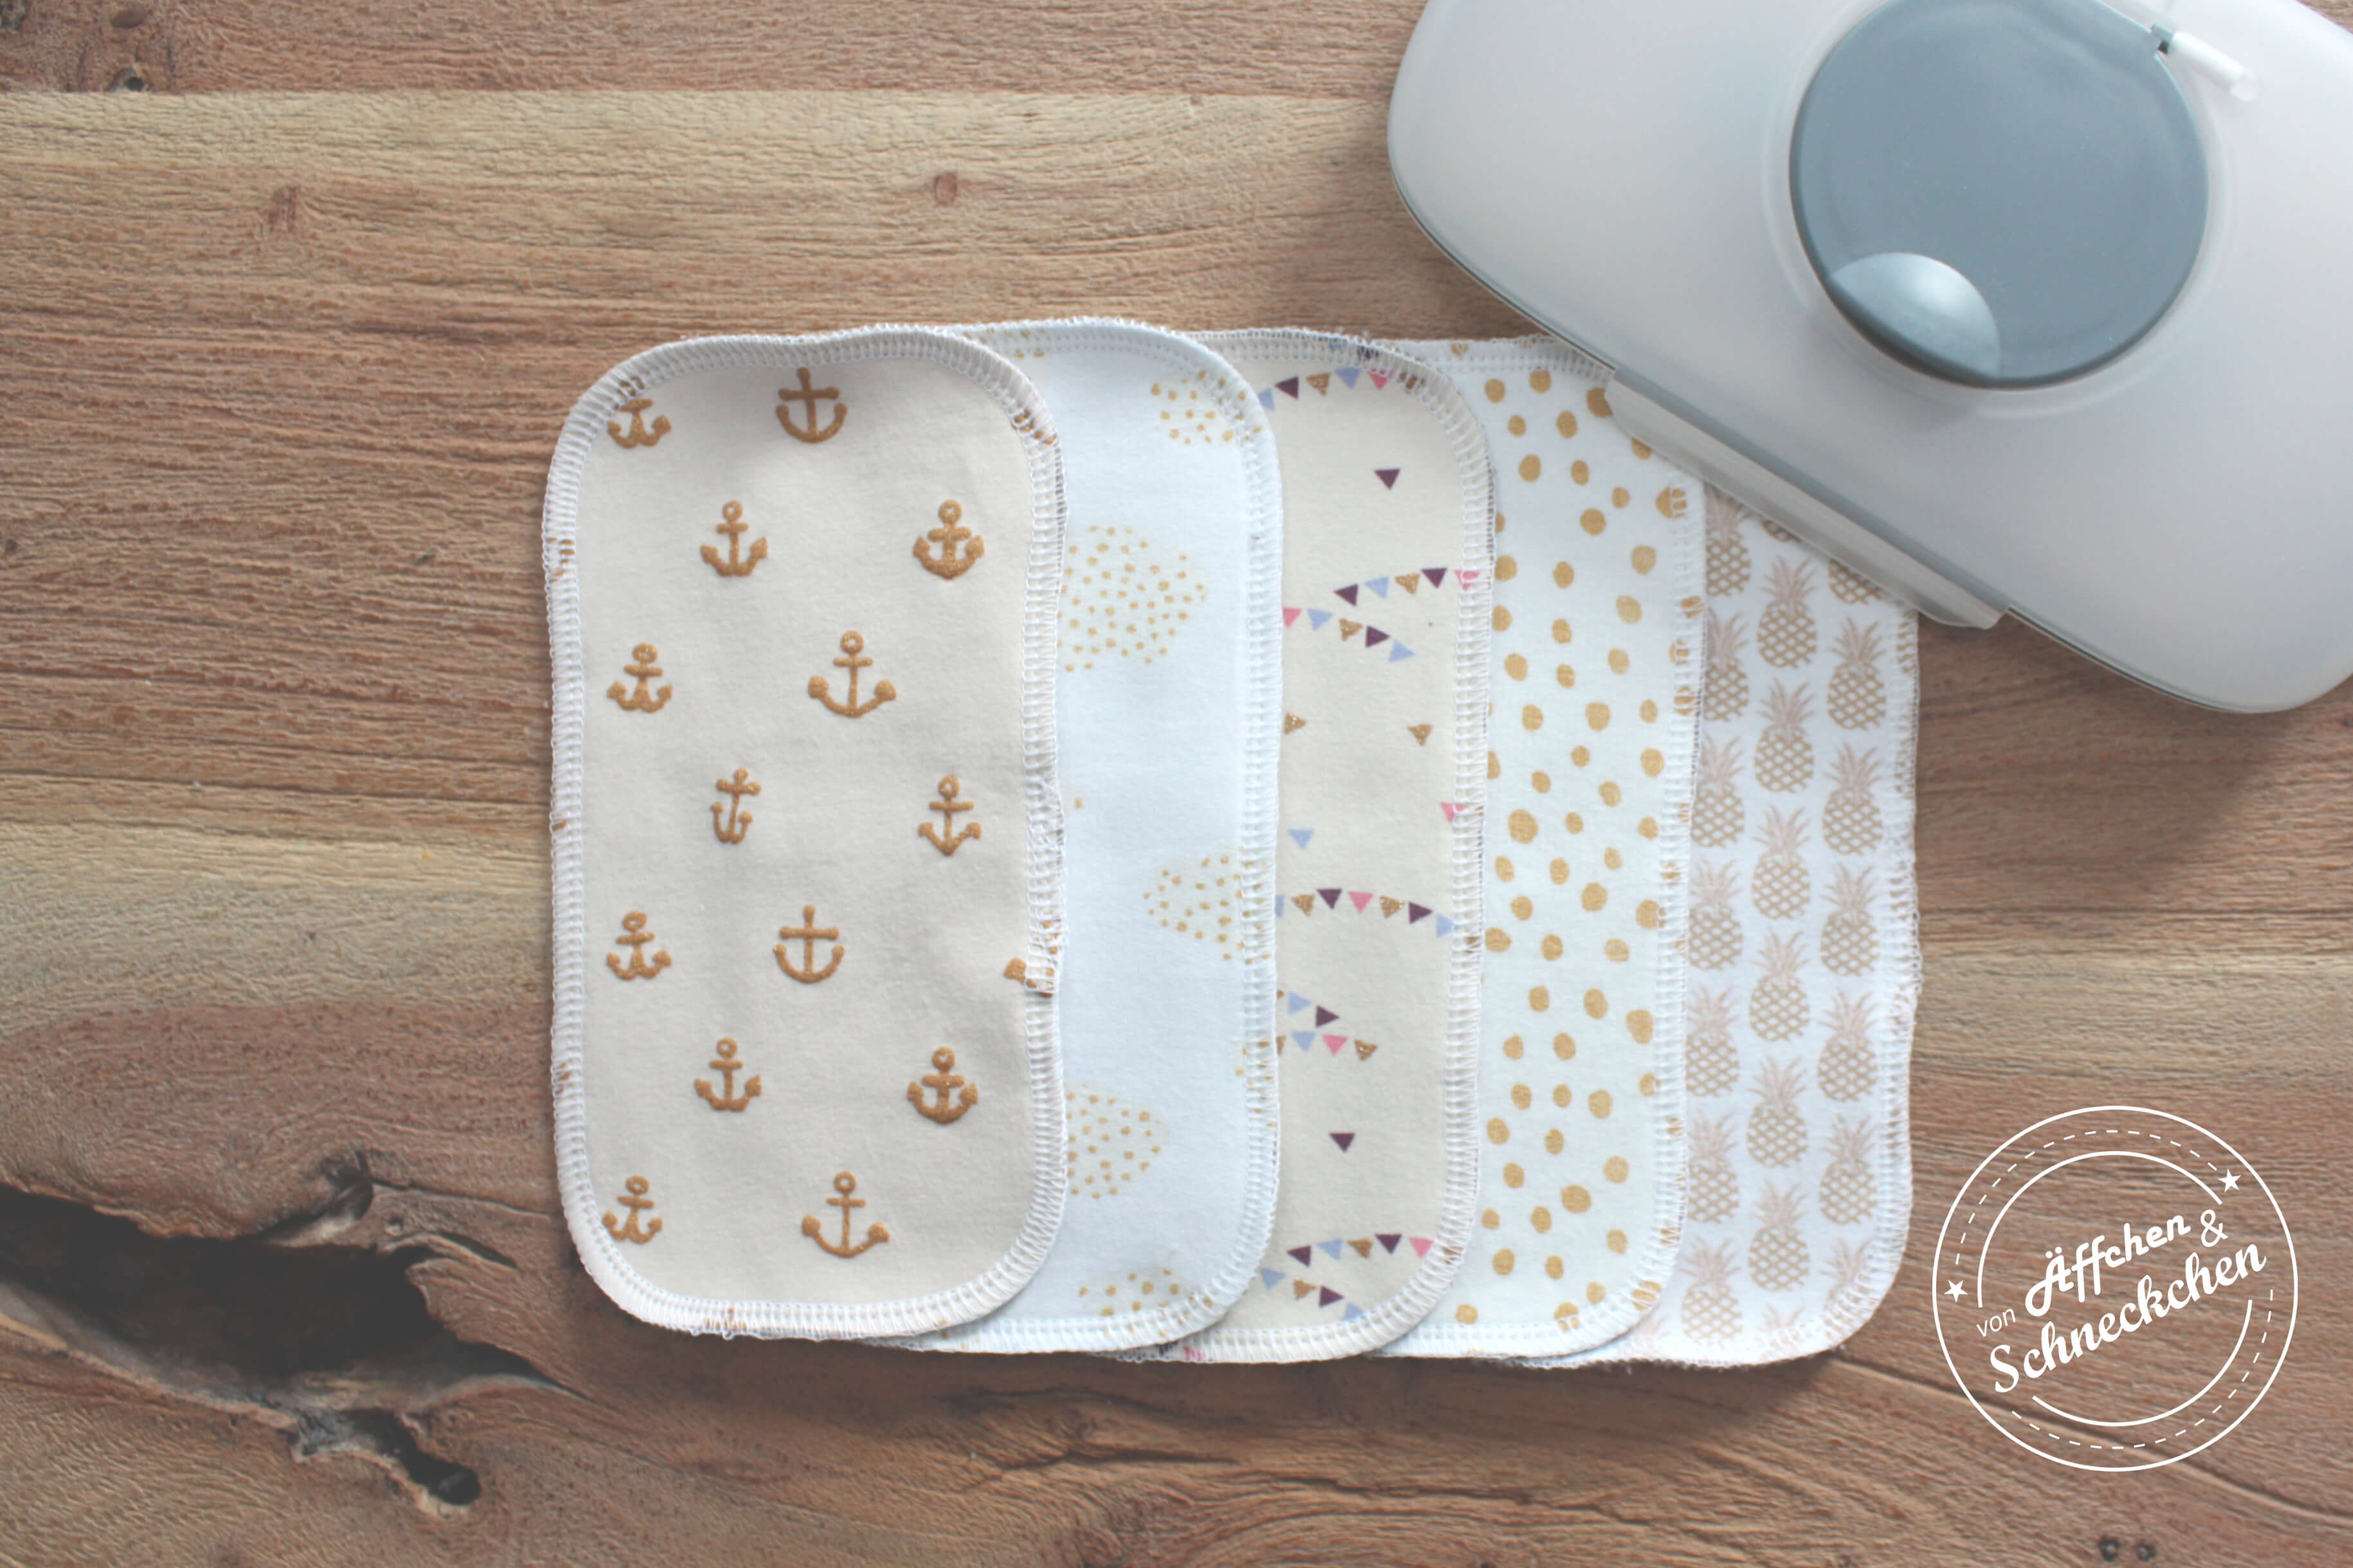 Von Äffchen & Schneckchen Waschlappen 5 Stück